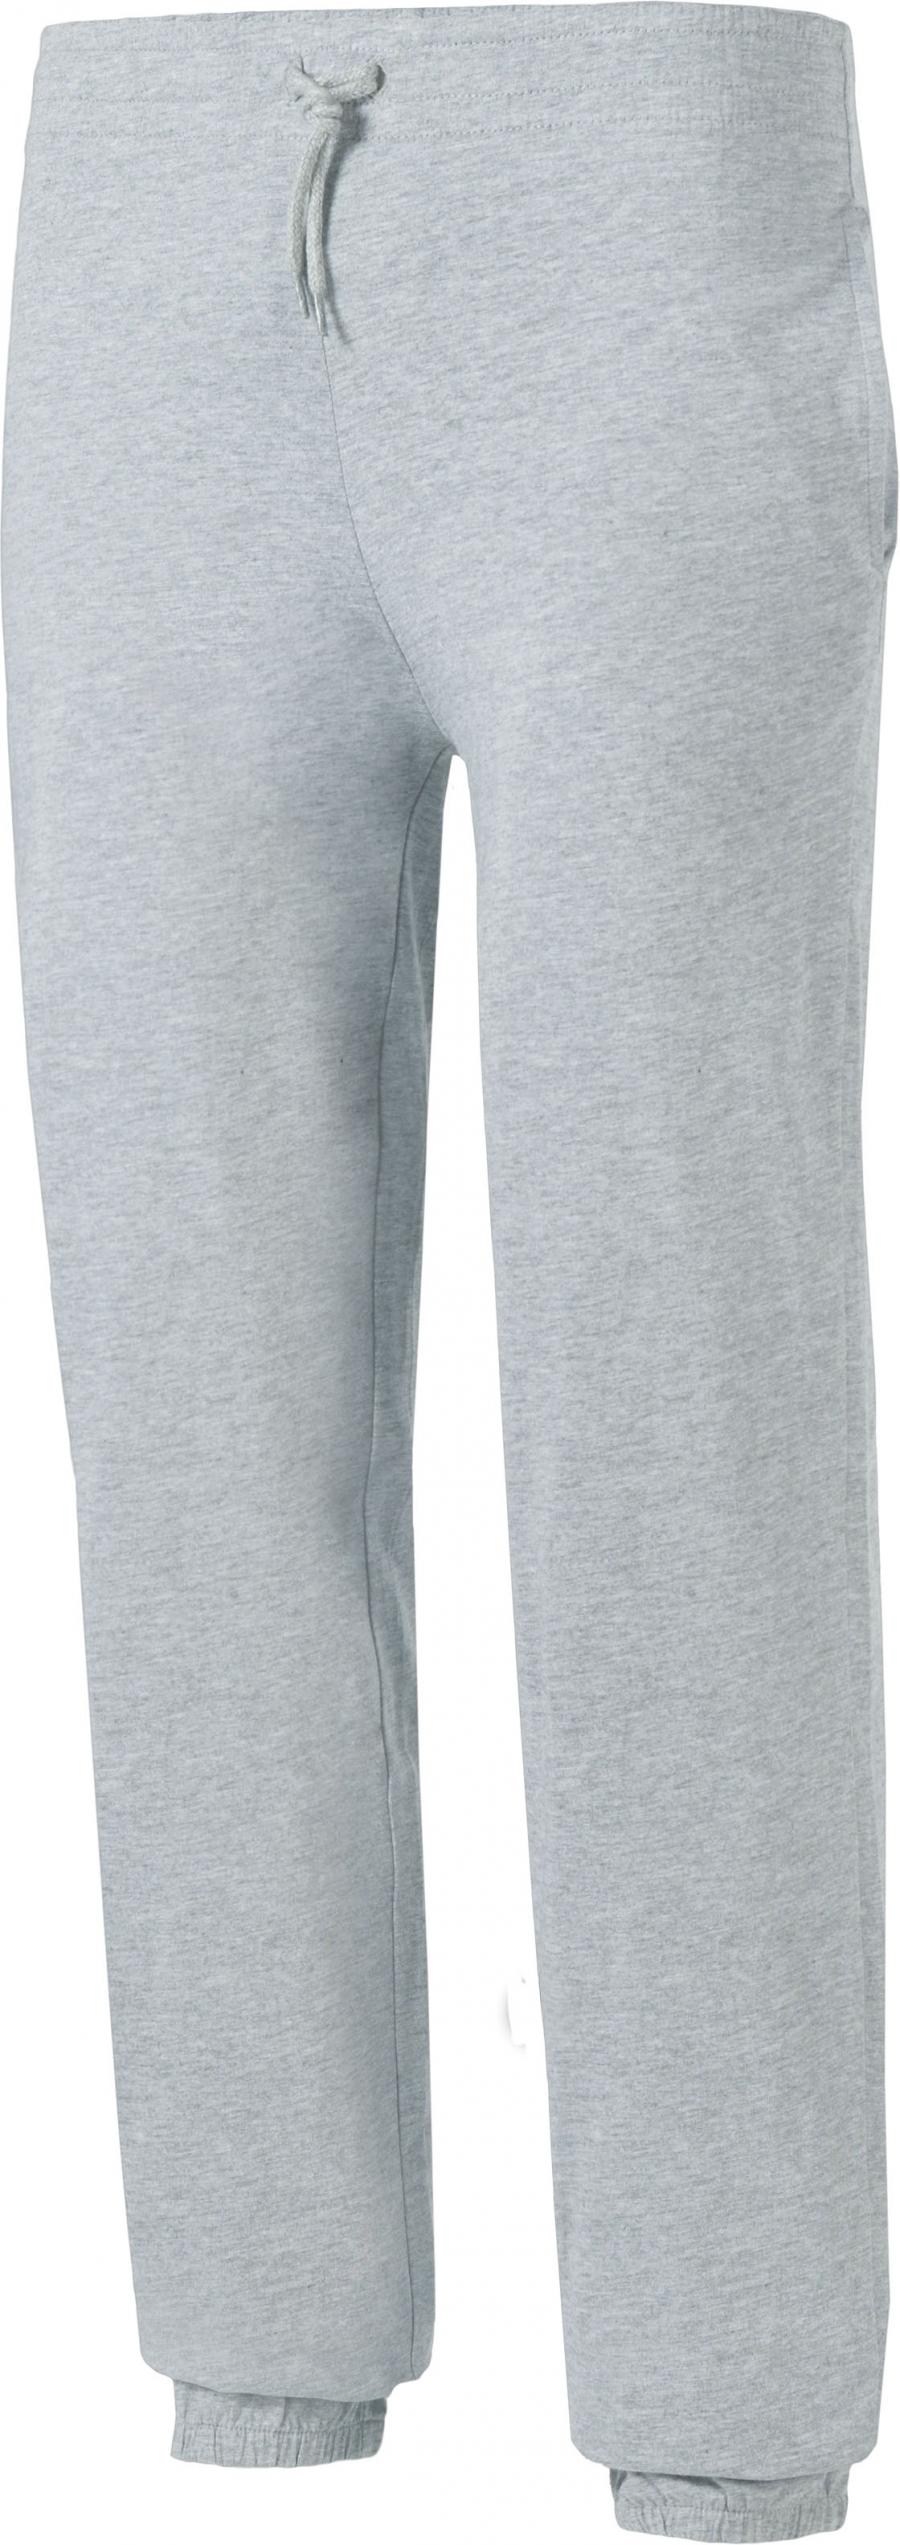 Pantalon de jogging en coton léger unisexe - 2-1370-6